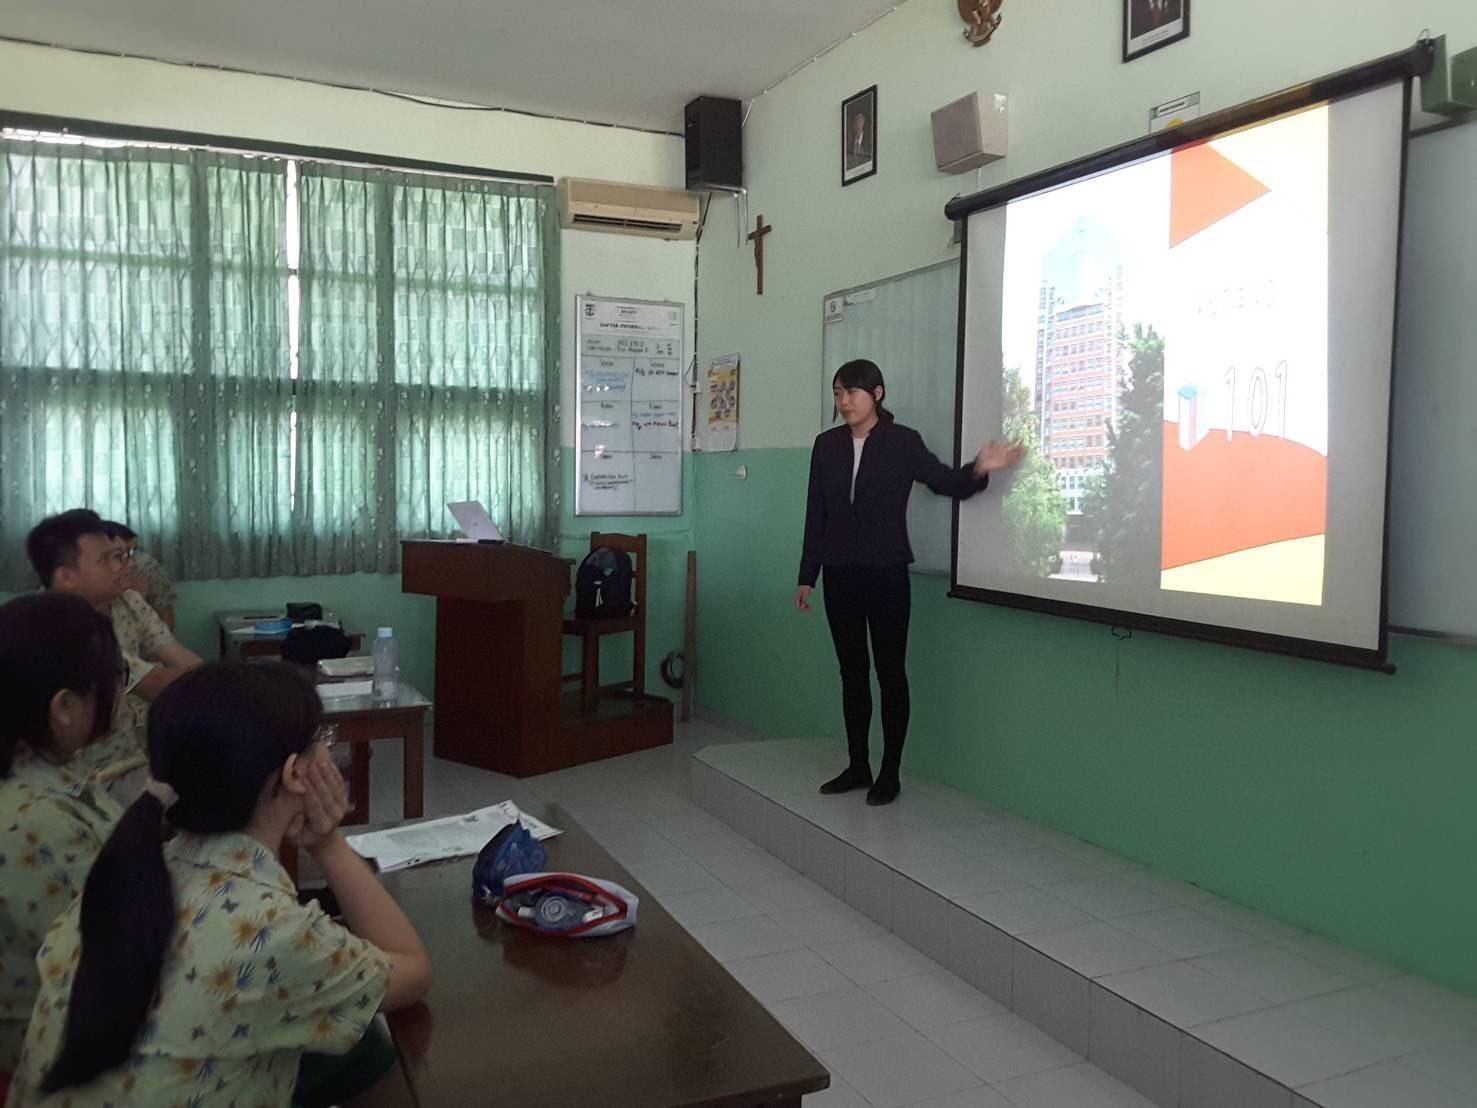 實習生向學生介紹文藻校園